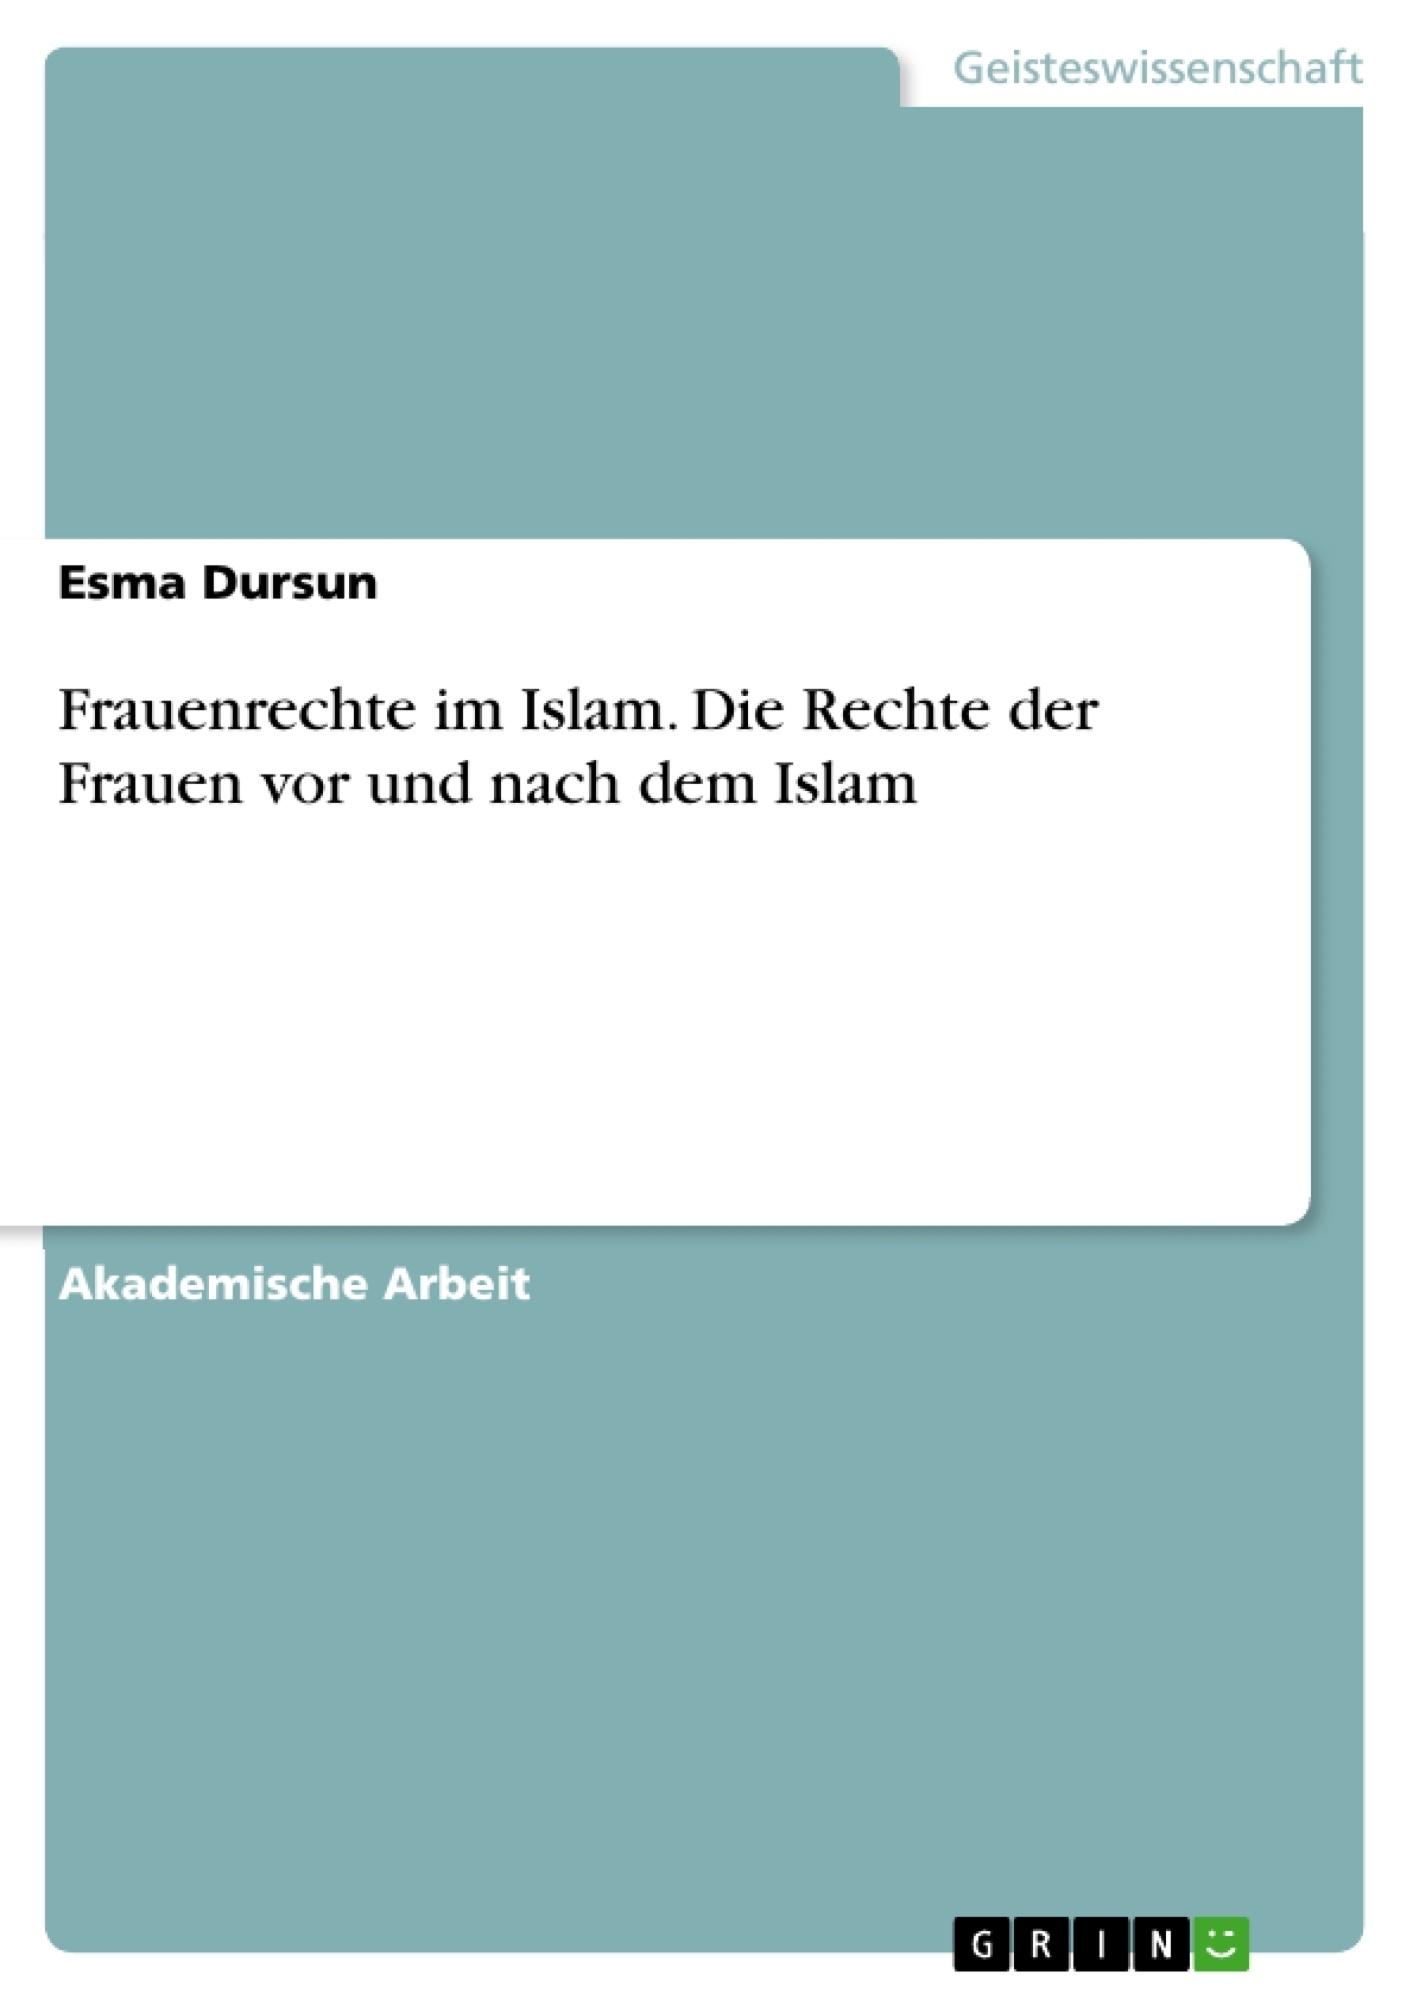 Titel: Frauenrechte im Islam. Die Rechte der Frauen vor und nach dem Islam